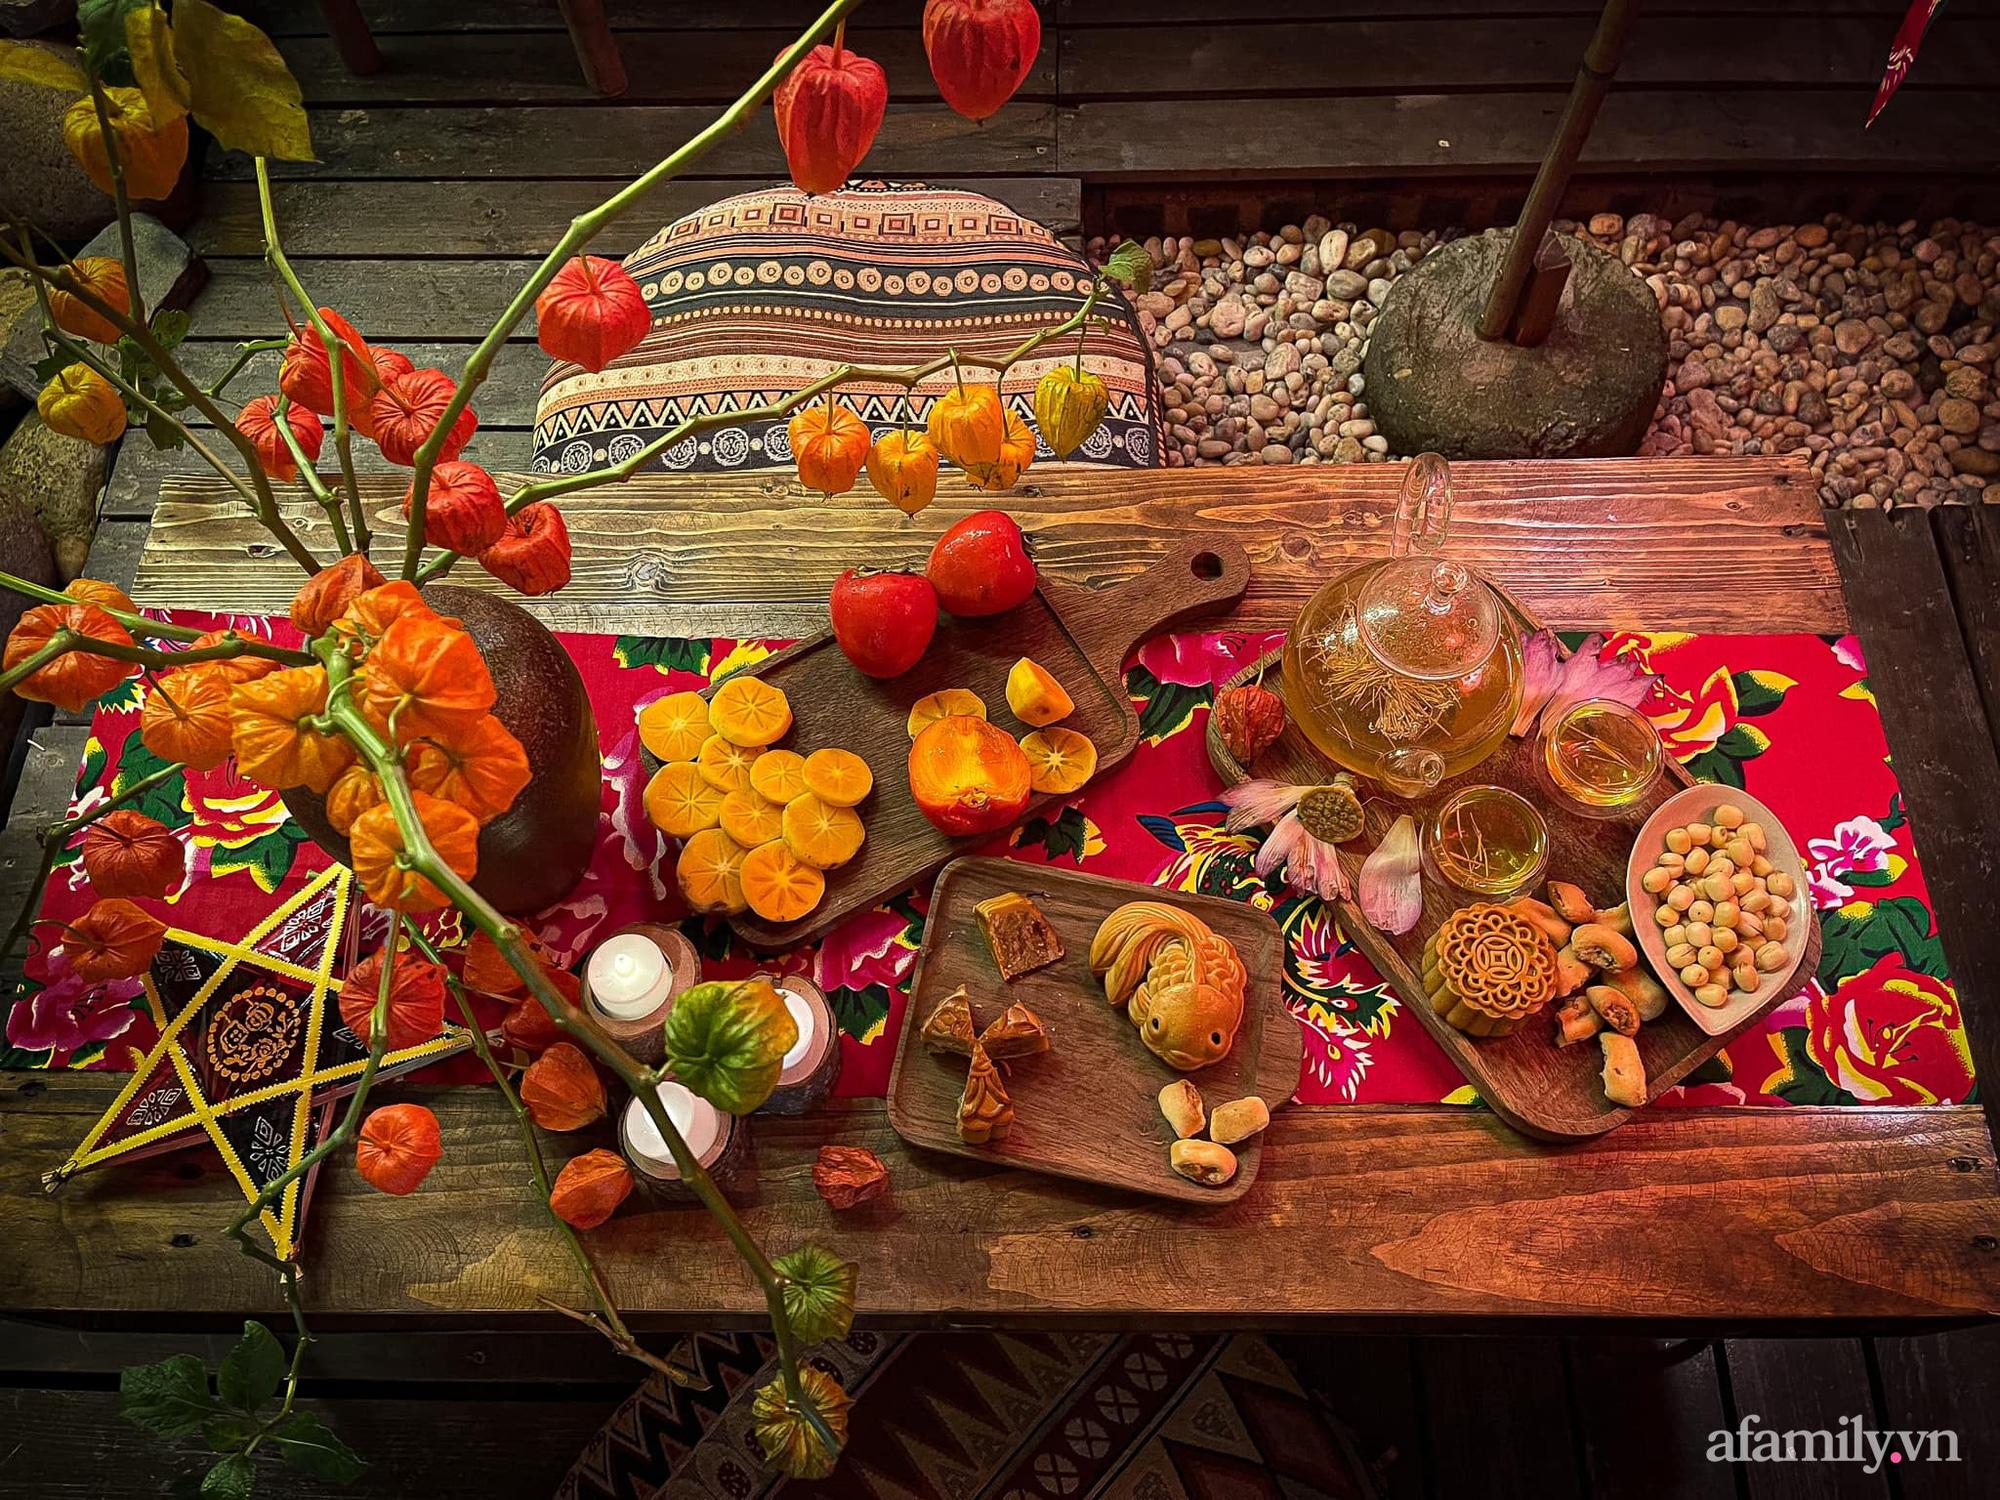 Phòng ngủ lung linh rực rỡ sắc màu Trung thu nhờ bàn tay khéo decor của cô gái Hà Nội-12